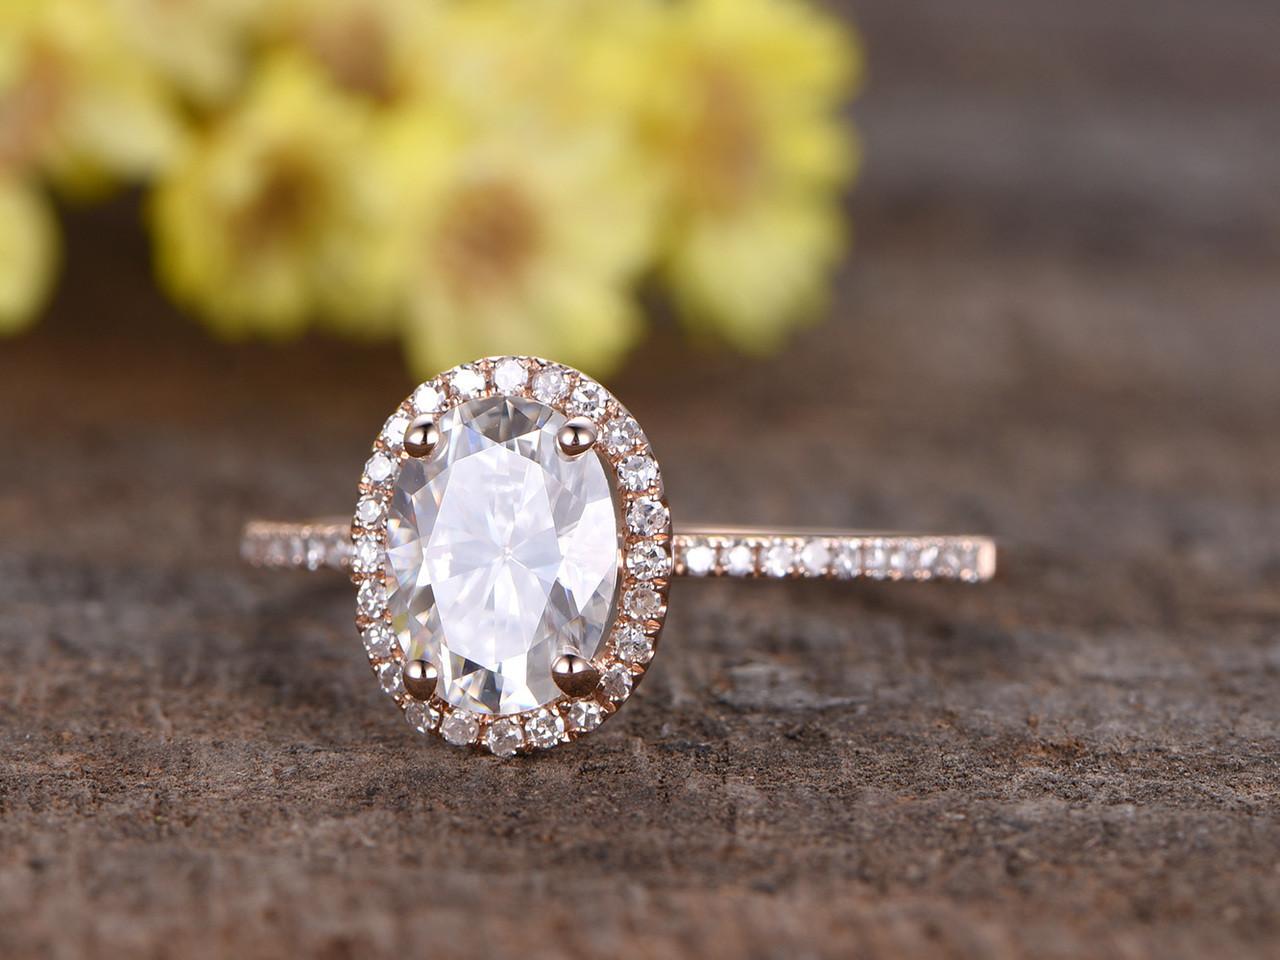 1 5 Carat Oval Moissanite Engagement Rings Diamond 14k